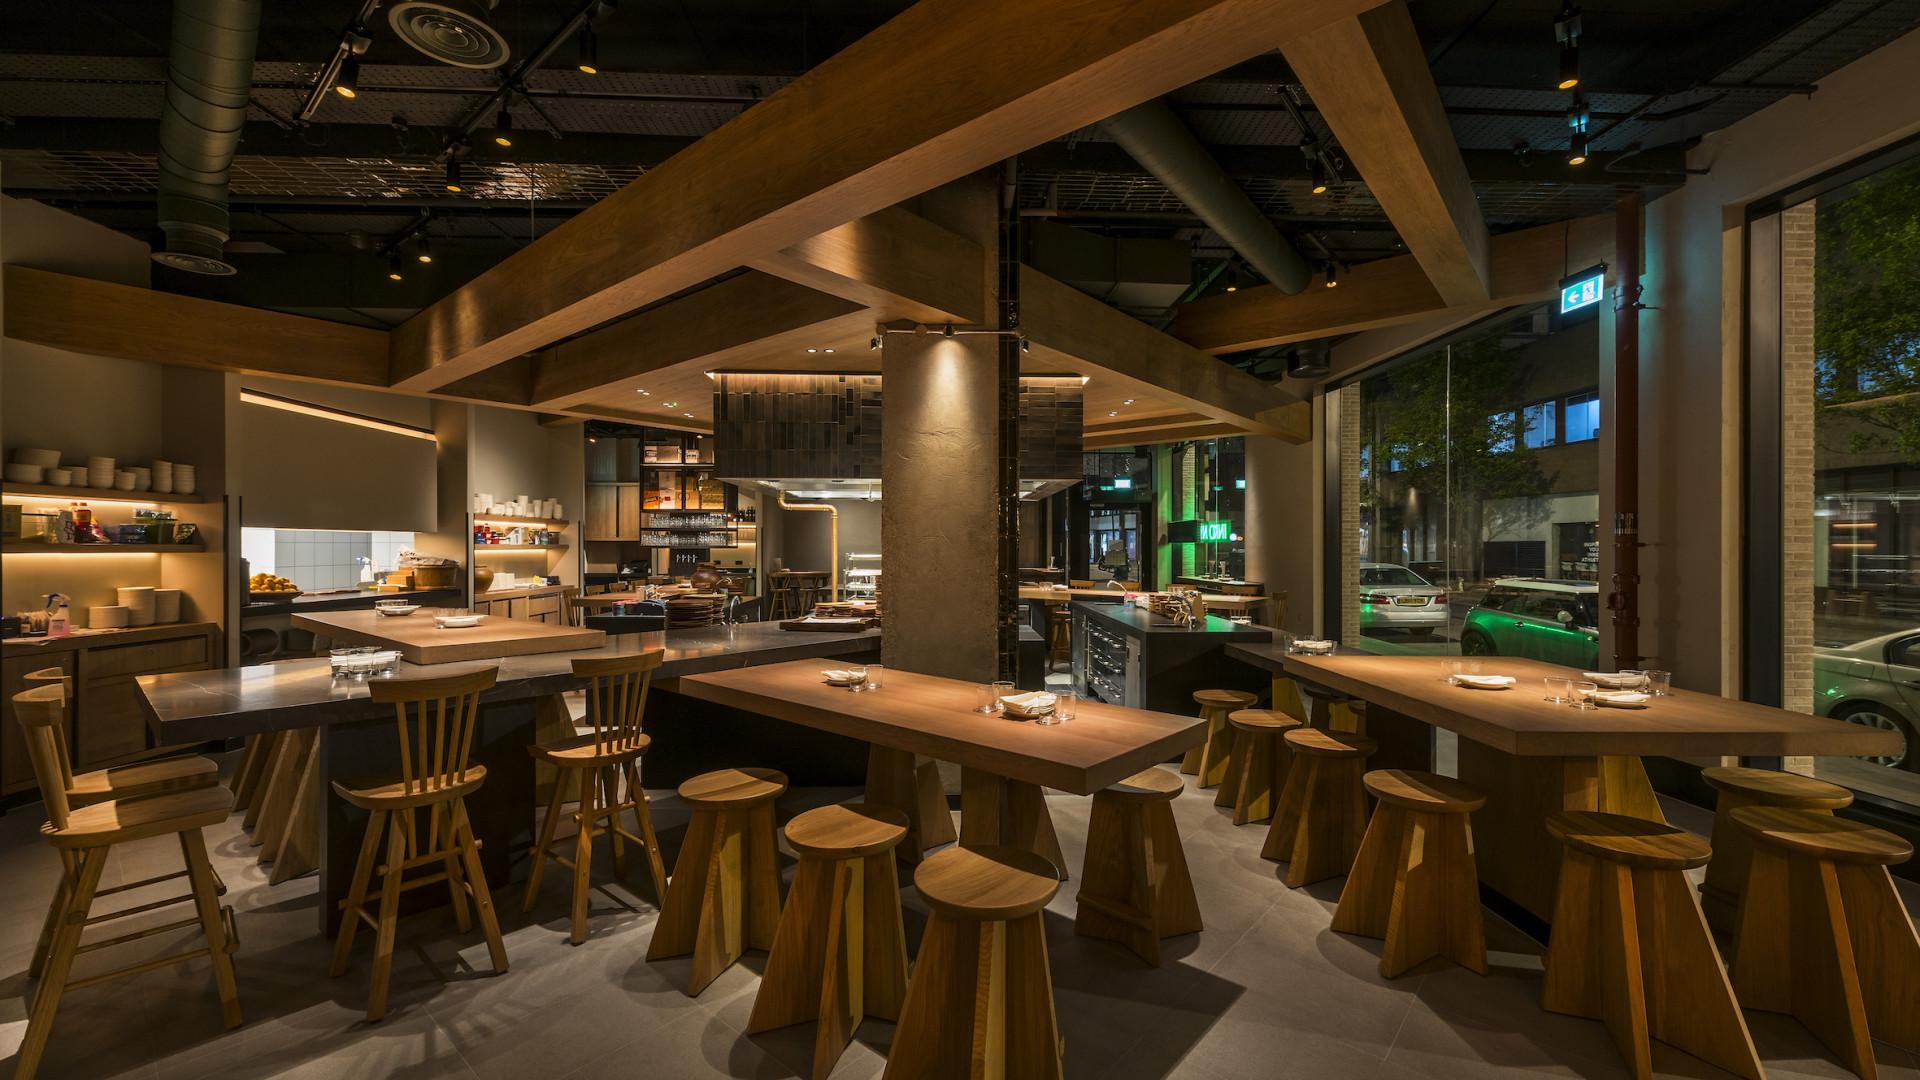 Soho restaurant guide: INKO NITO